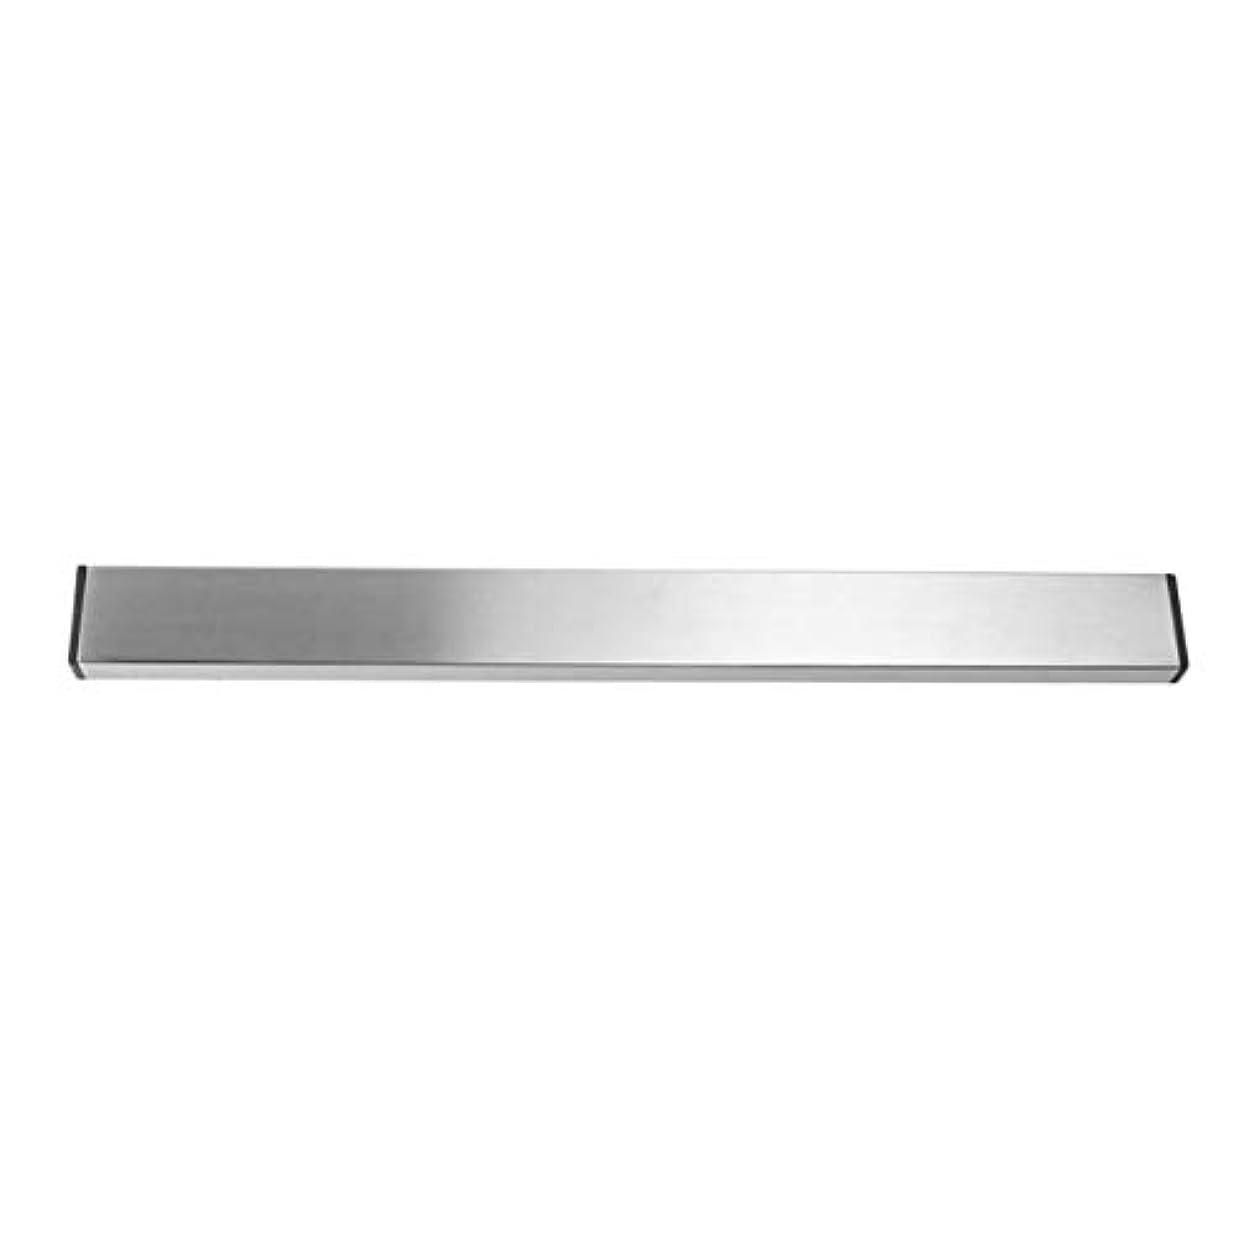 夜の動物園輸送不愉快Saikogoods 実用的なホーム台所の壁マウントされた磁気ナイフホルダー耐久性のあるステンレススチール簡単に保存ナイフは台所用具ラック 銀 M